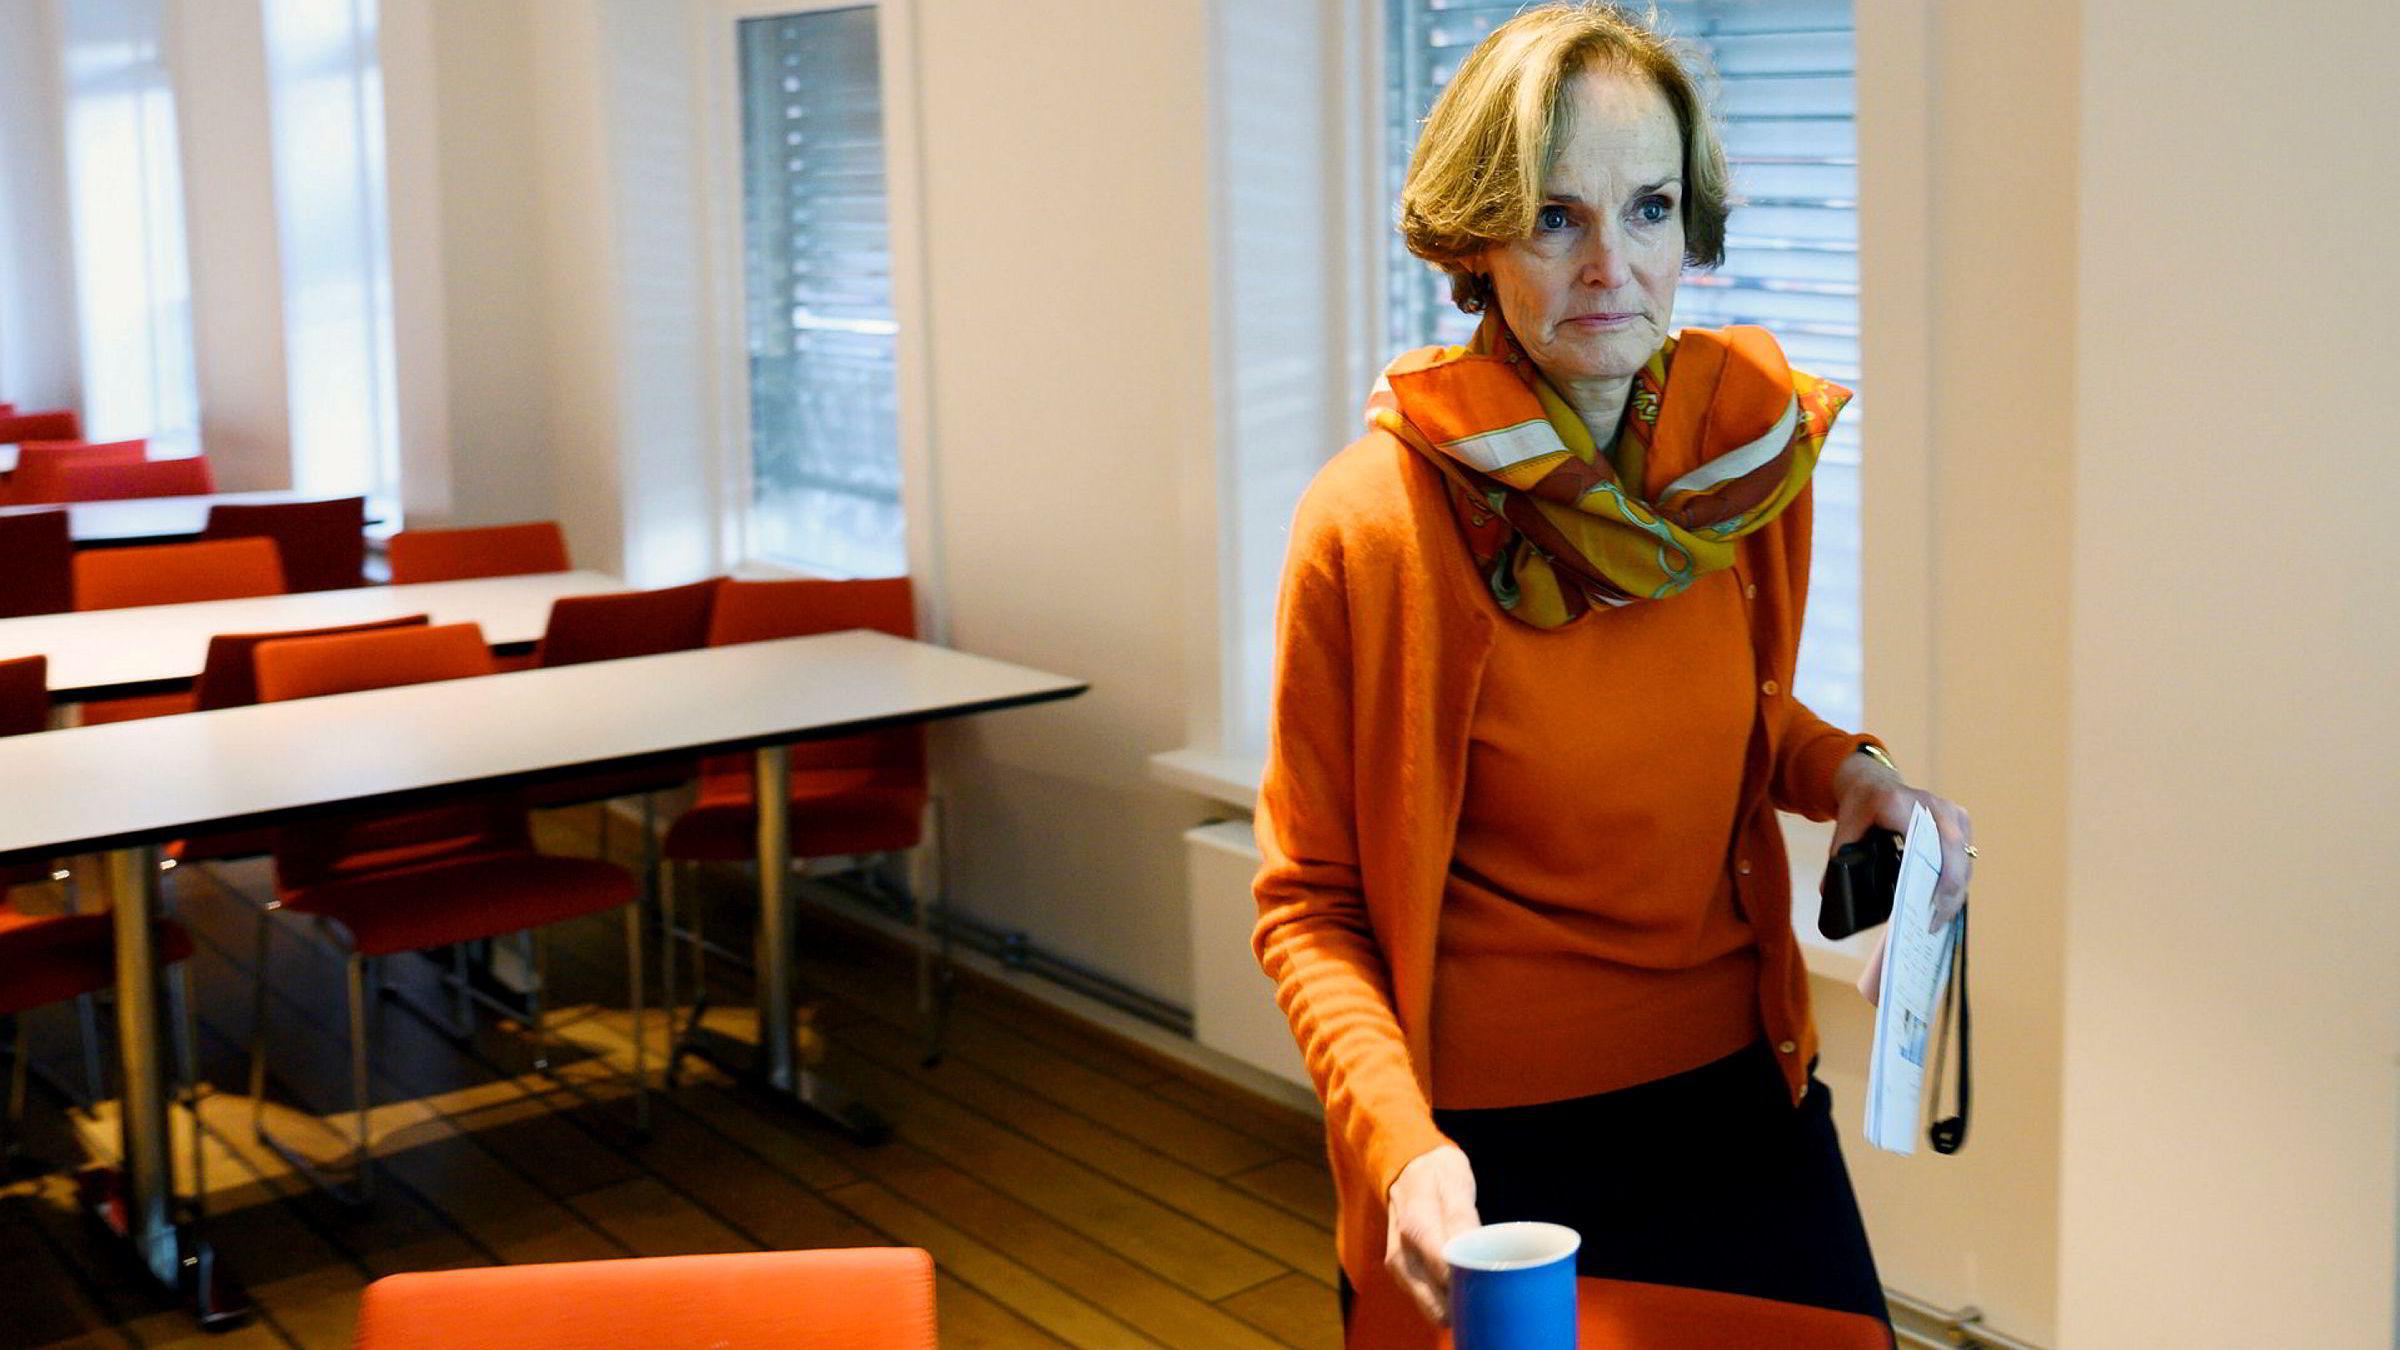 Administrerende direktør Anette Olsen i Bonheur asa. Selskapet har gått på en resultatsmell, og tapte over en kvart milliard i fjerde kvartal i 2019.